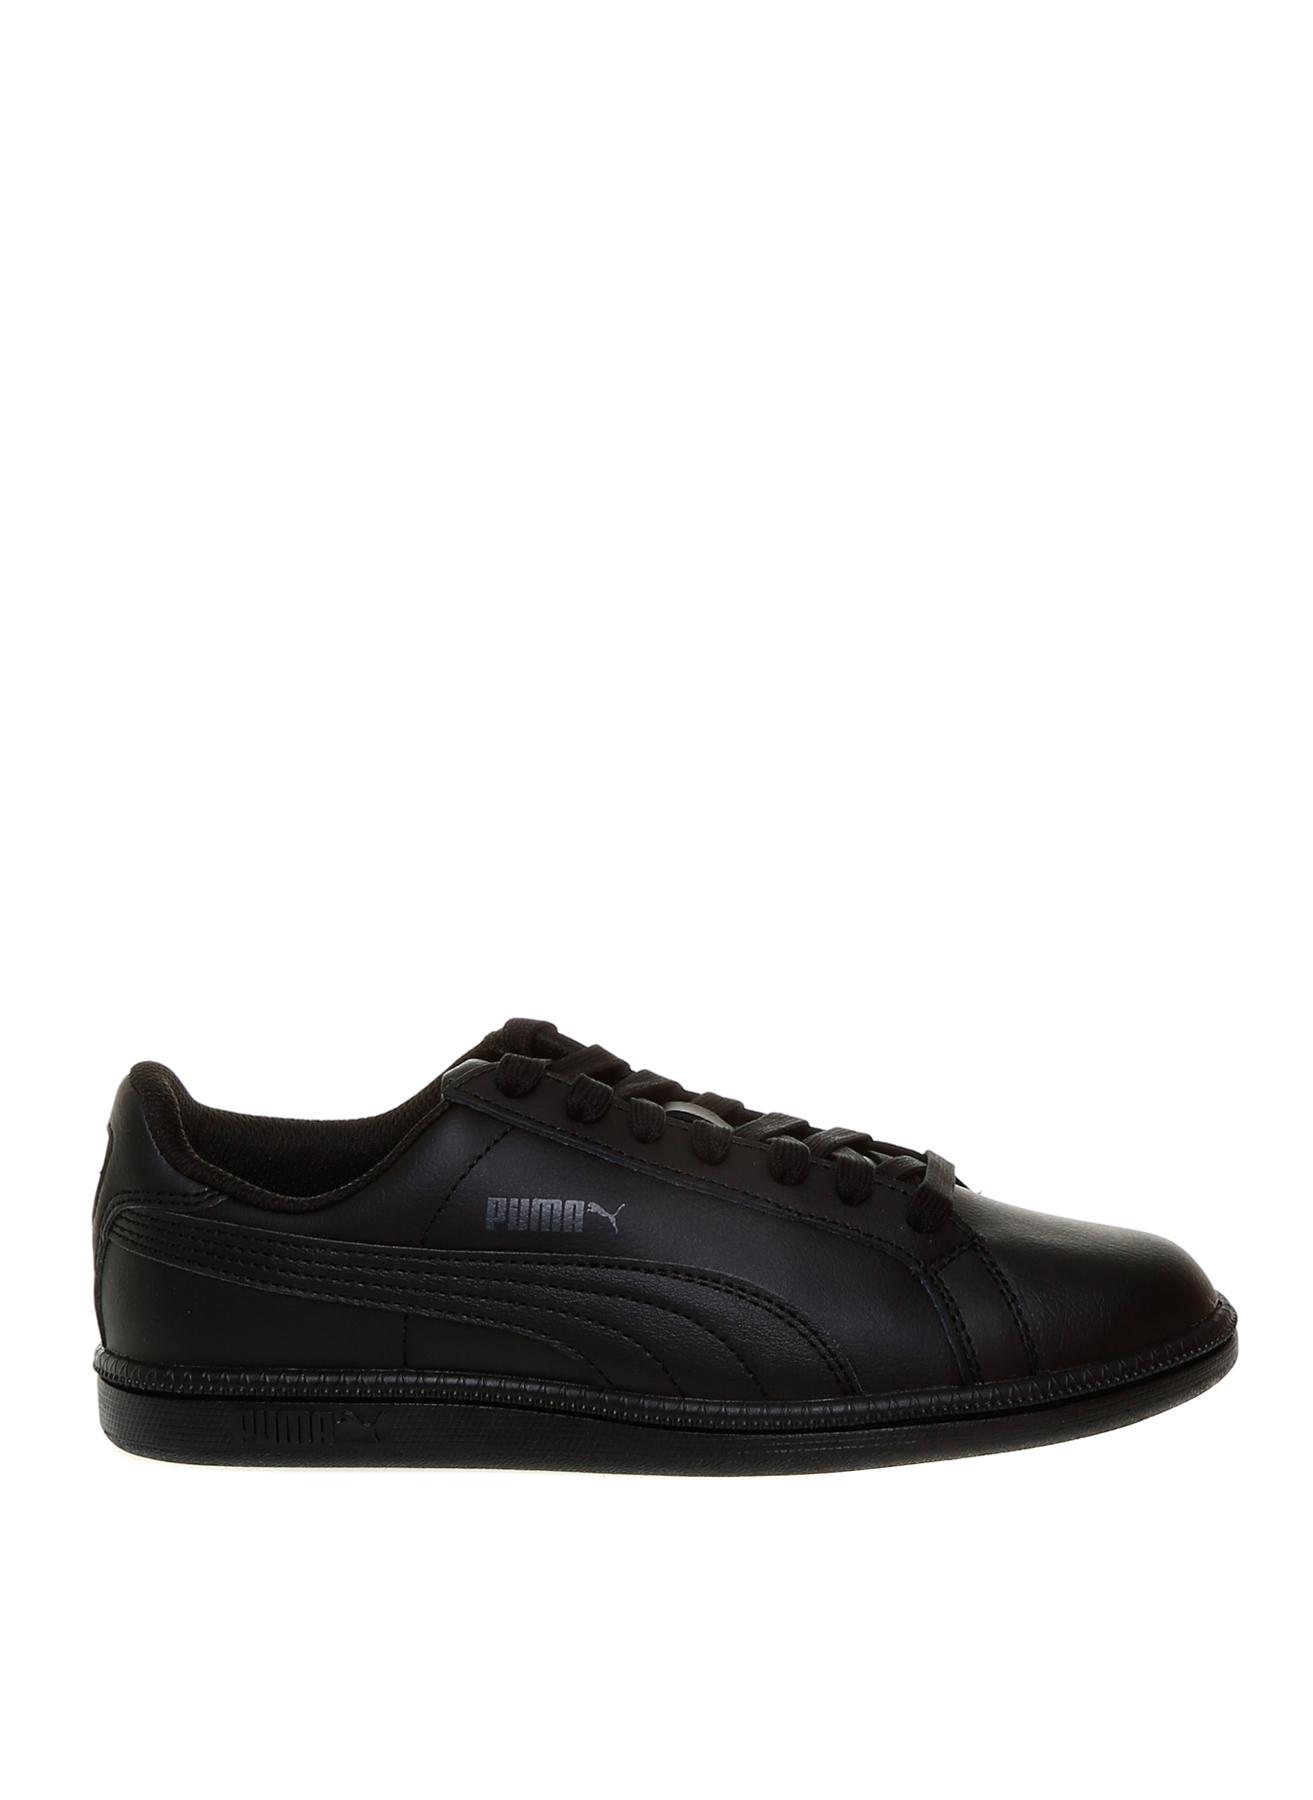 Puma Yürüyüş Ayakkabısı 39 5001697536007 Ürün Resmi